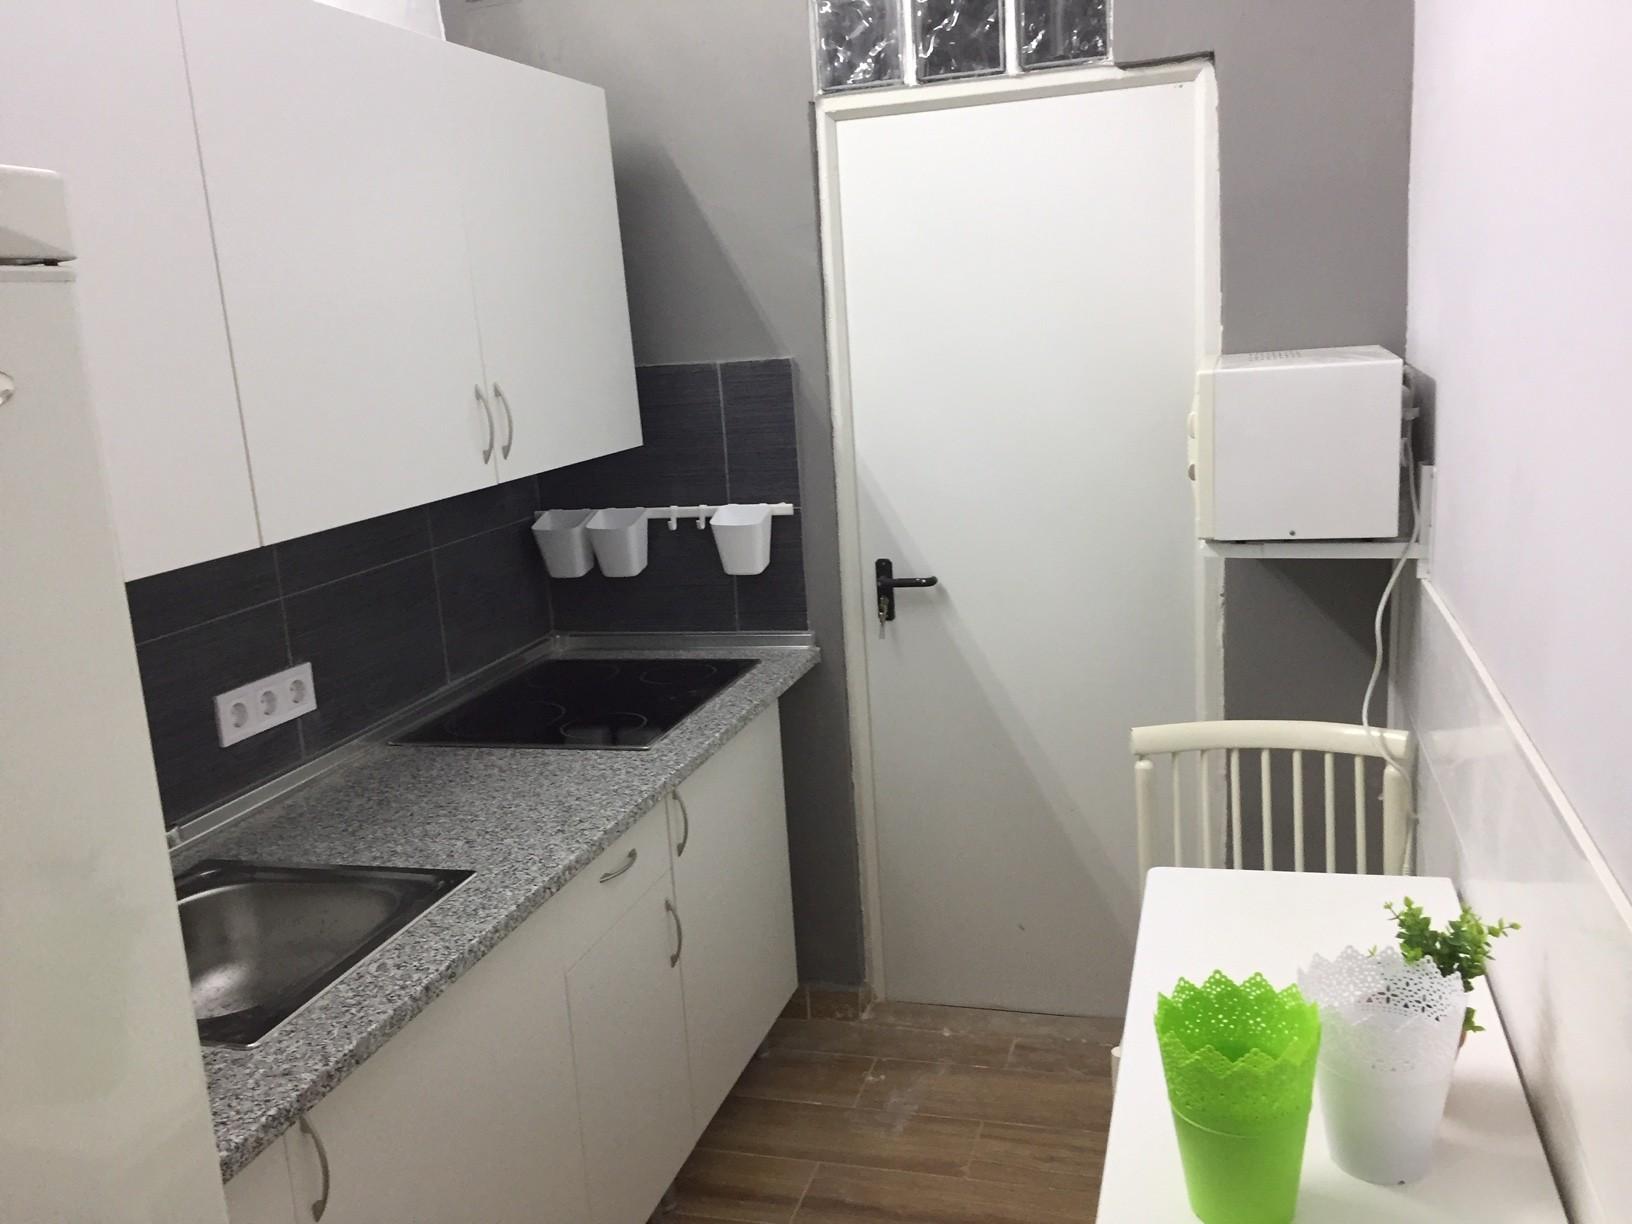 HABITACION GRANDE con baño y llave individual.